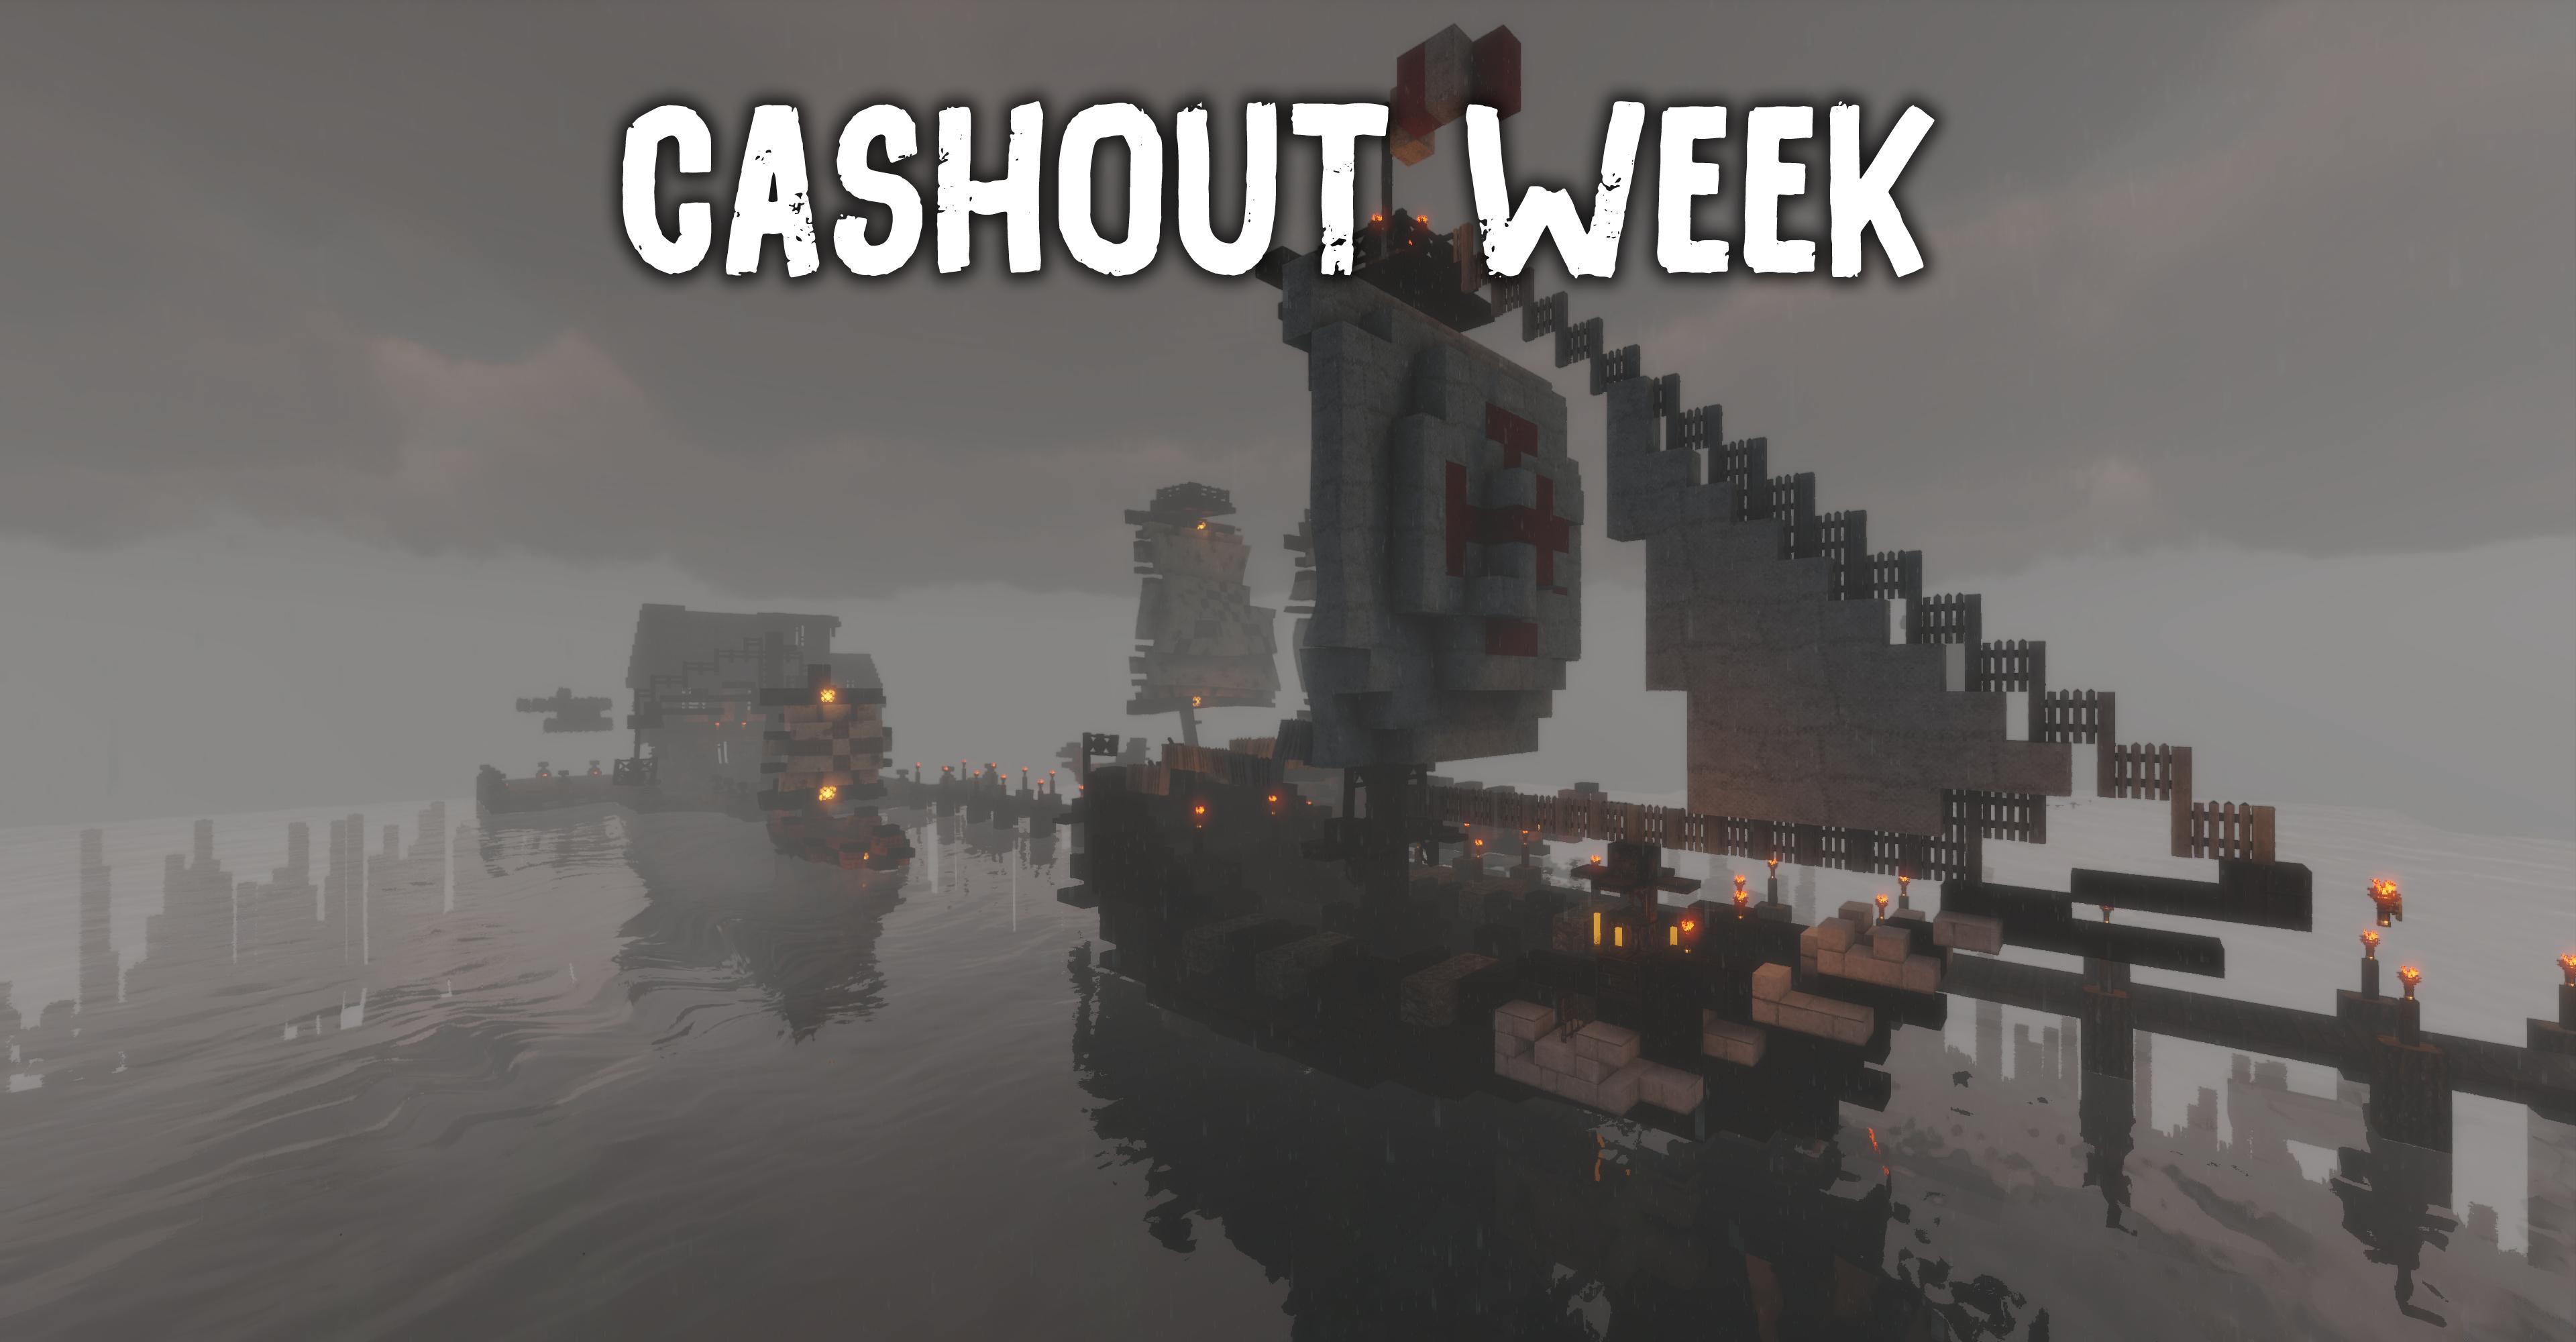 Cashout Week!